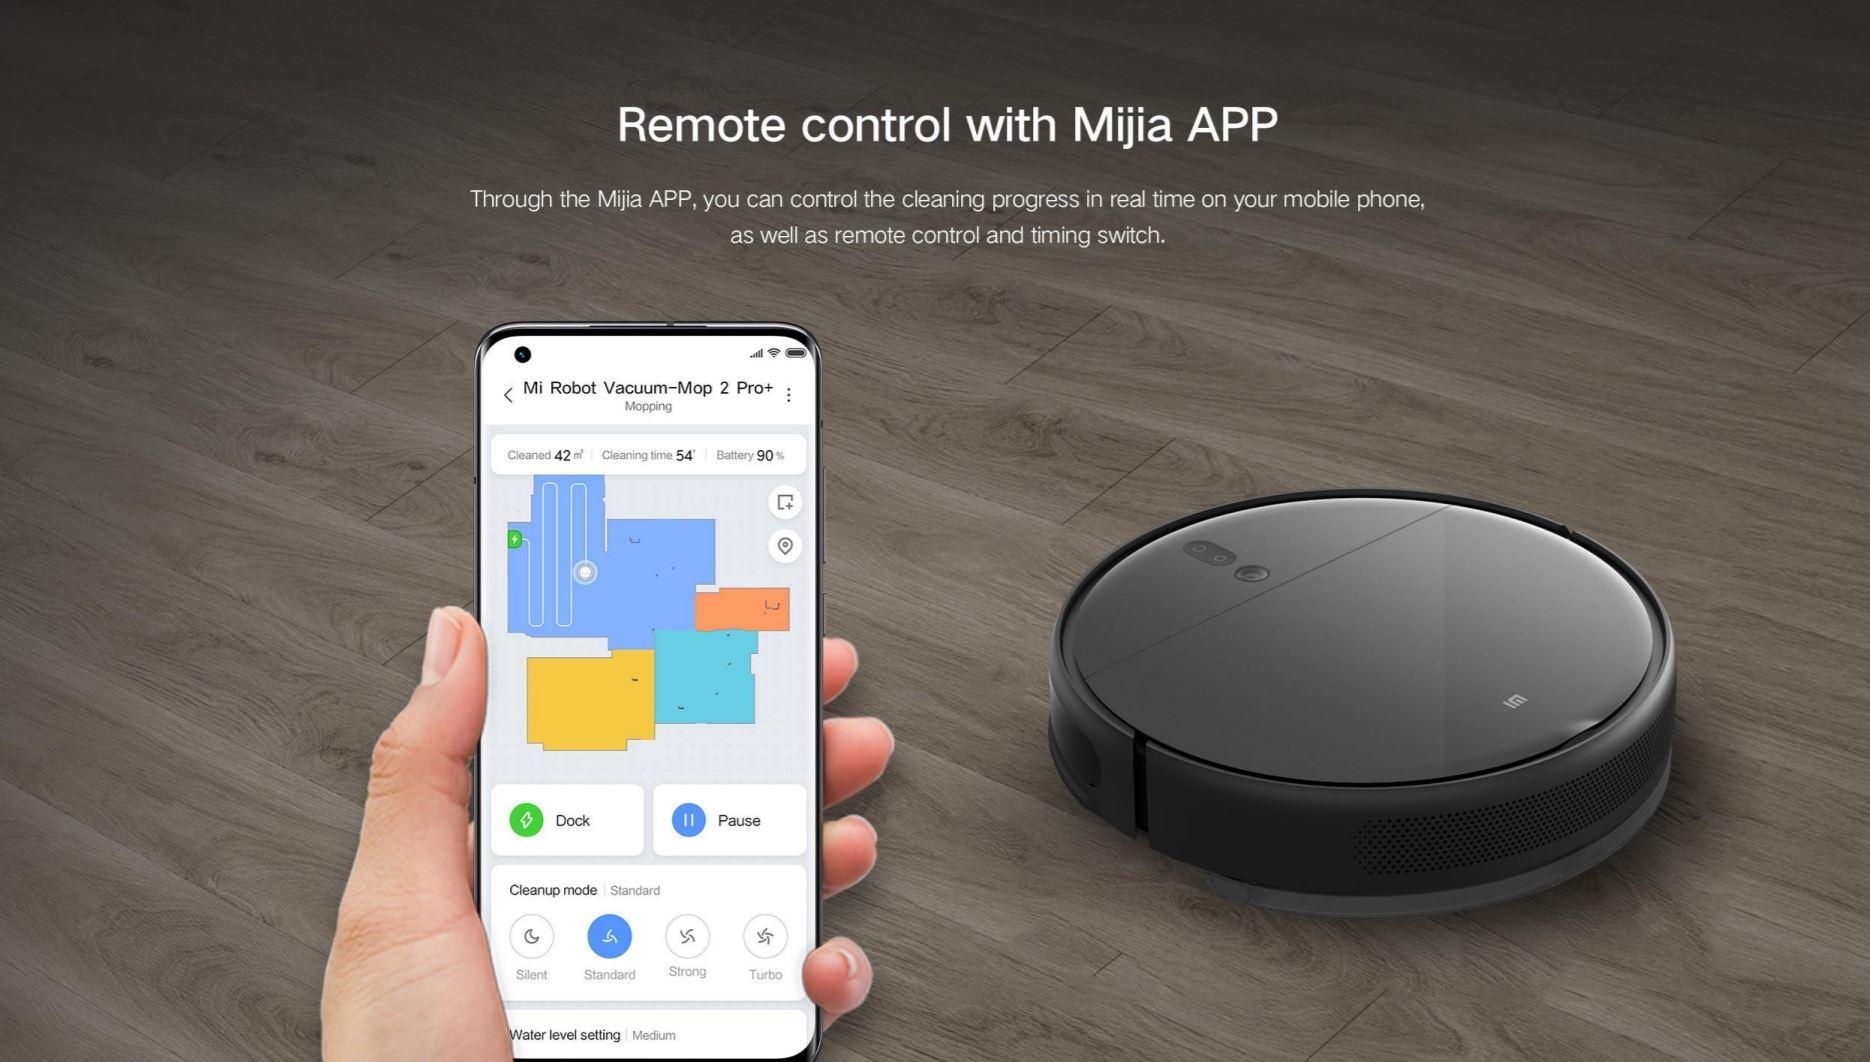 Xiaomi Mi Robot Vacuum Mop 2 Pro + w rewelacyjnej promocji na Aliexpress - obsługa przez aplikację Xiaomi Home Mijia